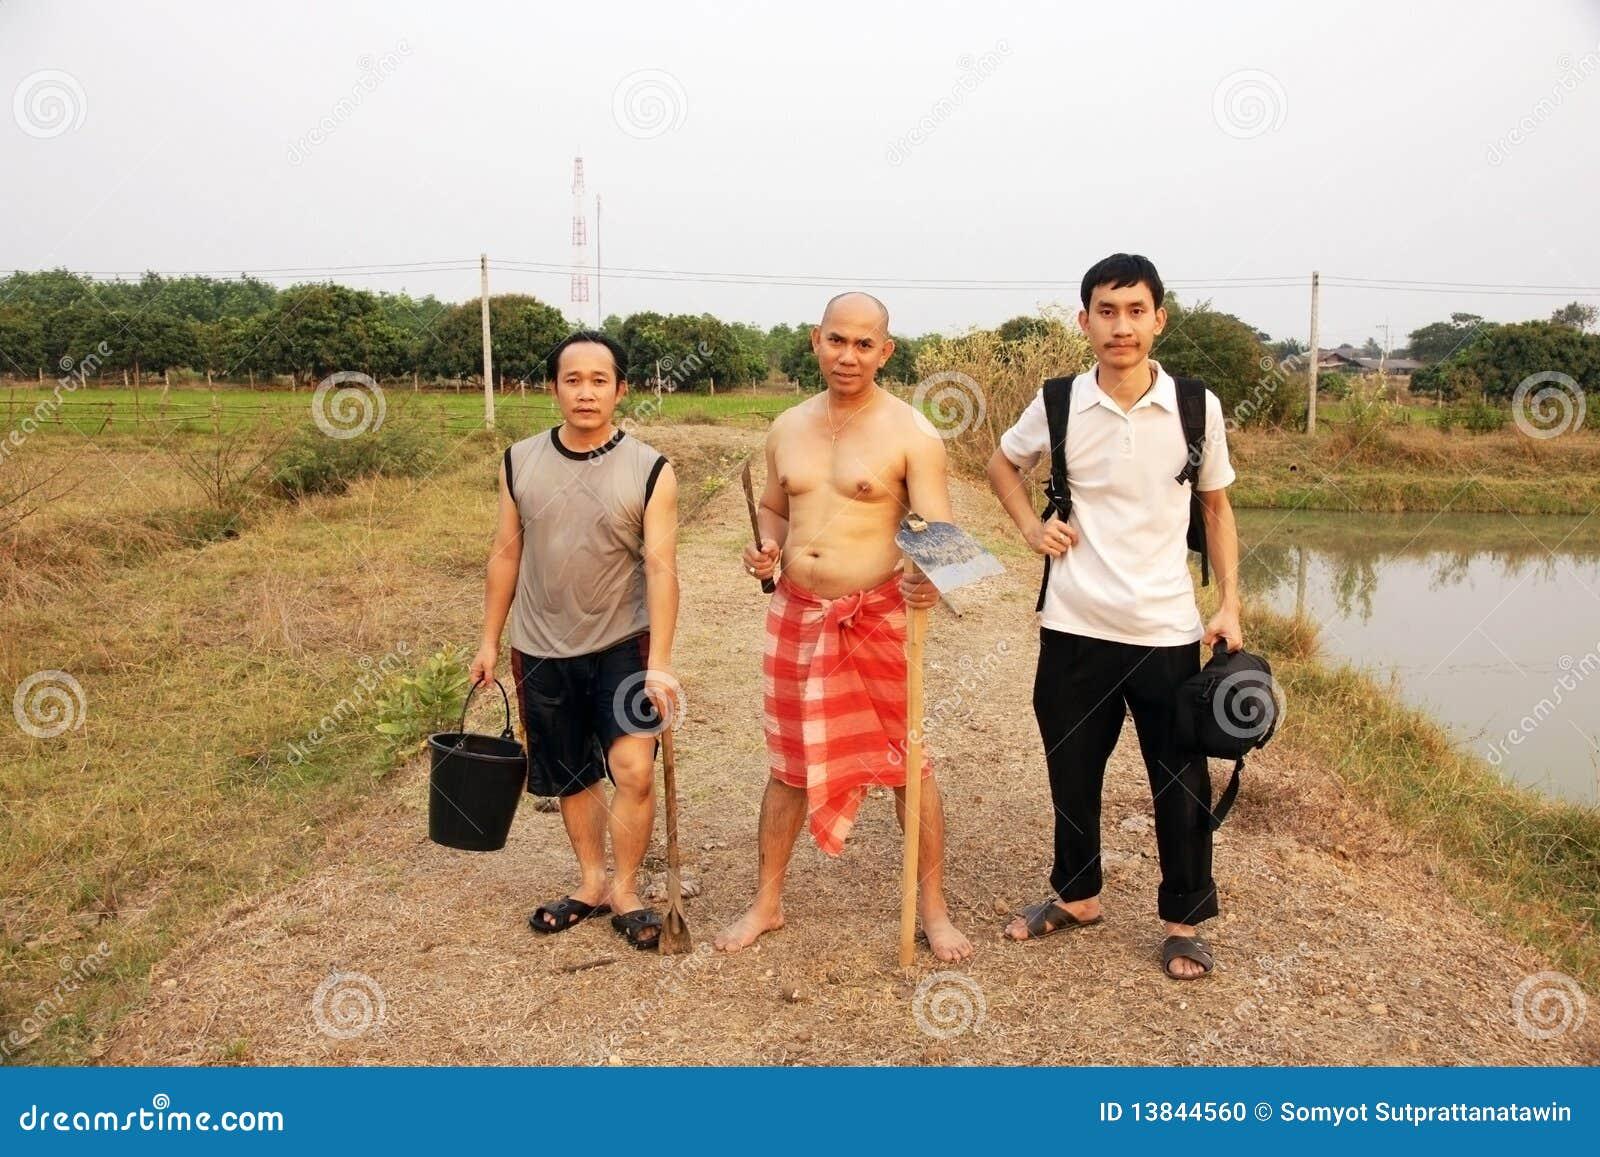 Männer Lustig Stockfoto - Bild: 13844560